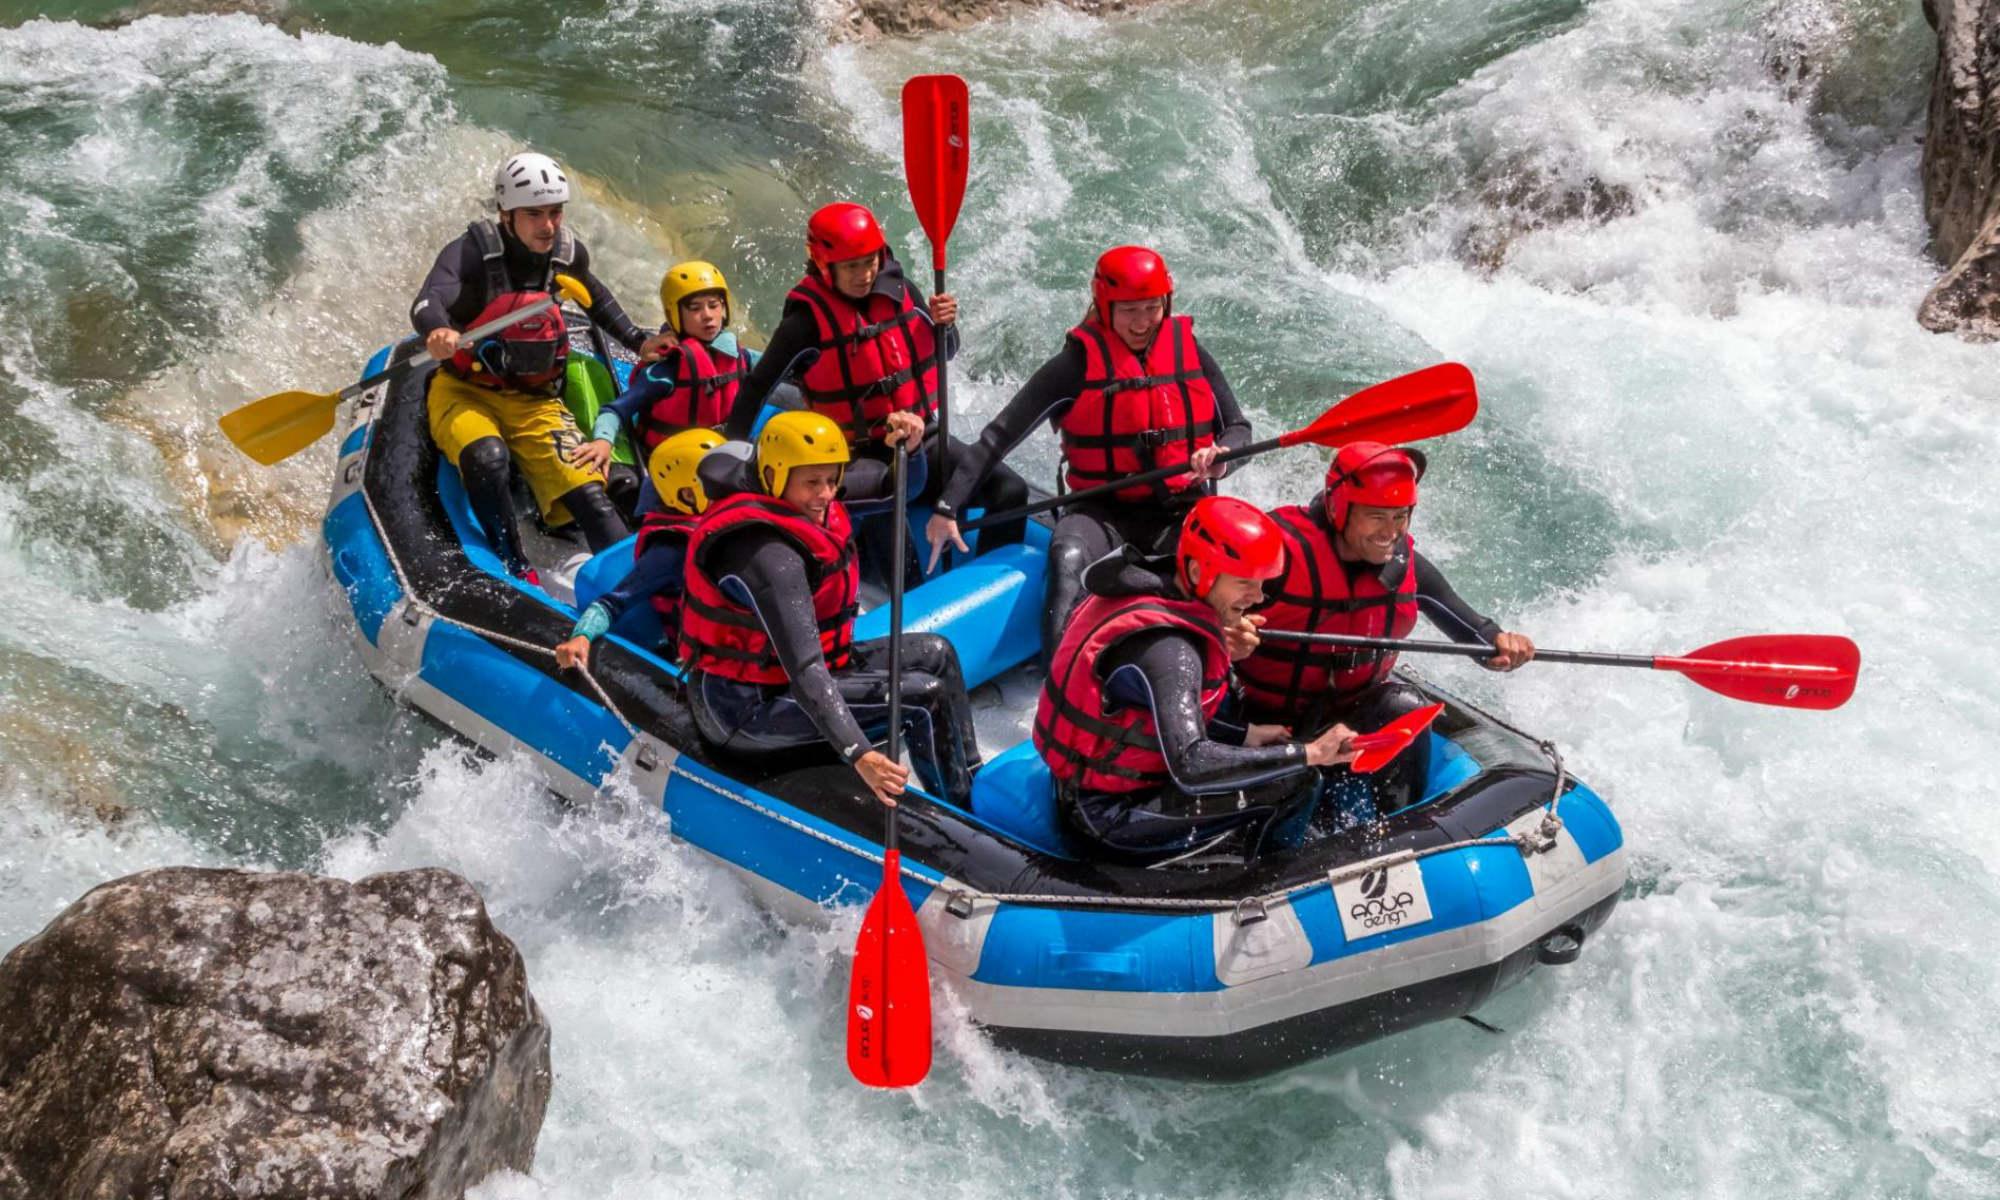 Un groupe sur un raft traverse le rapide de la Barre Saint-Jean lors d'une activité de rafting sur le Verdon.